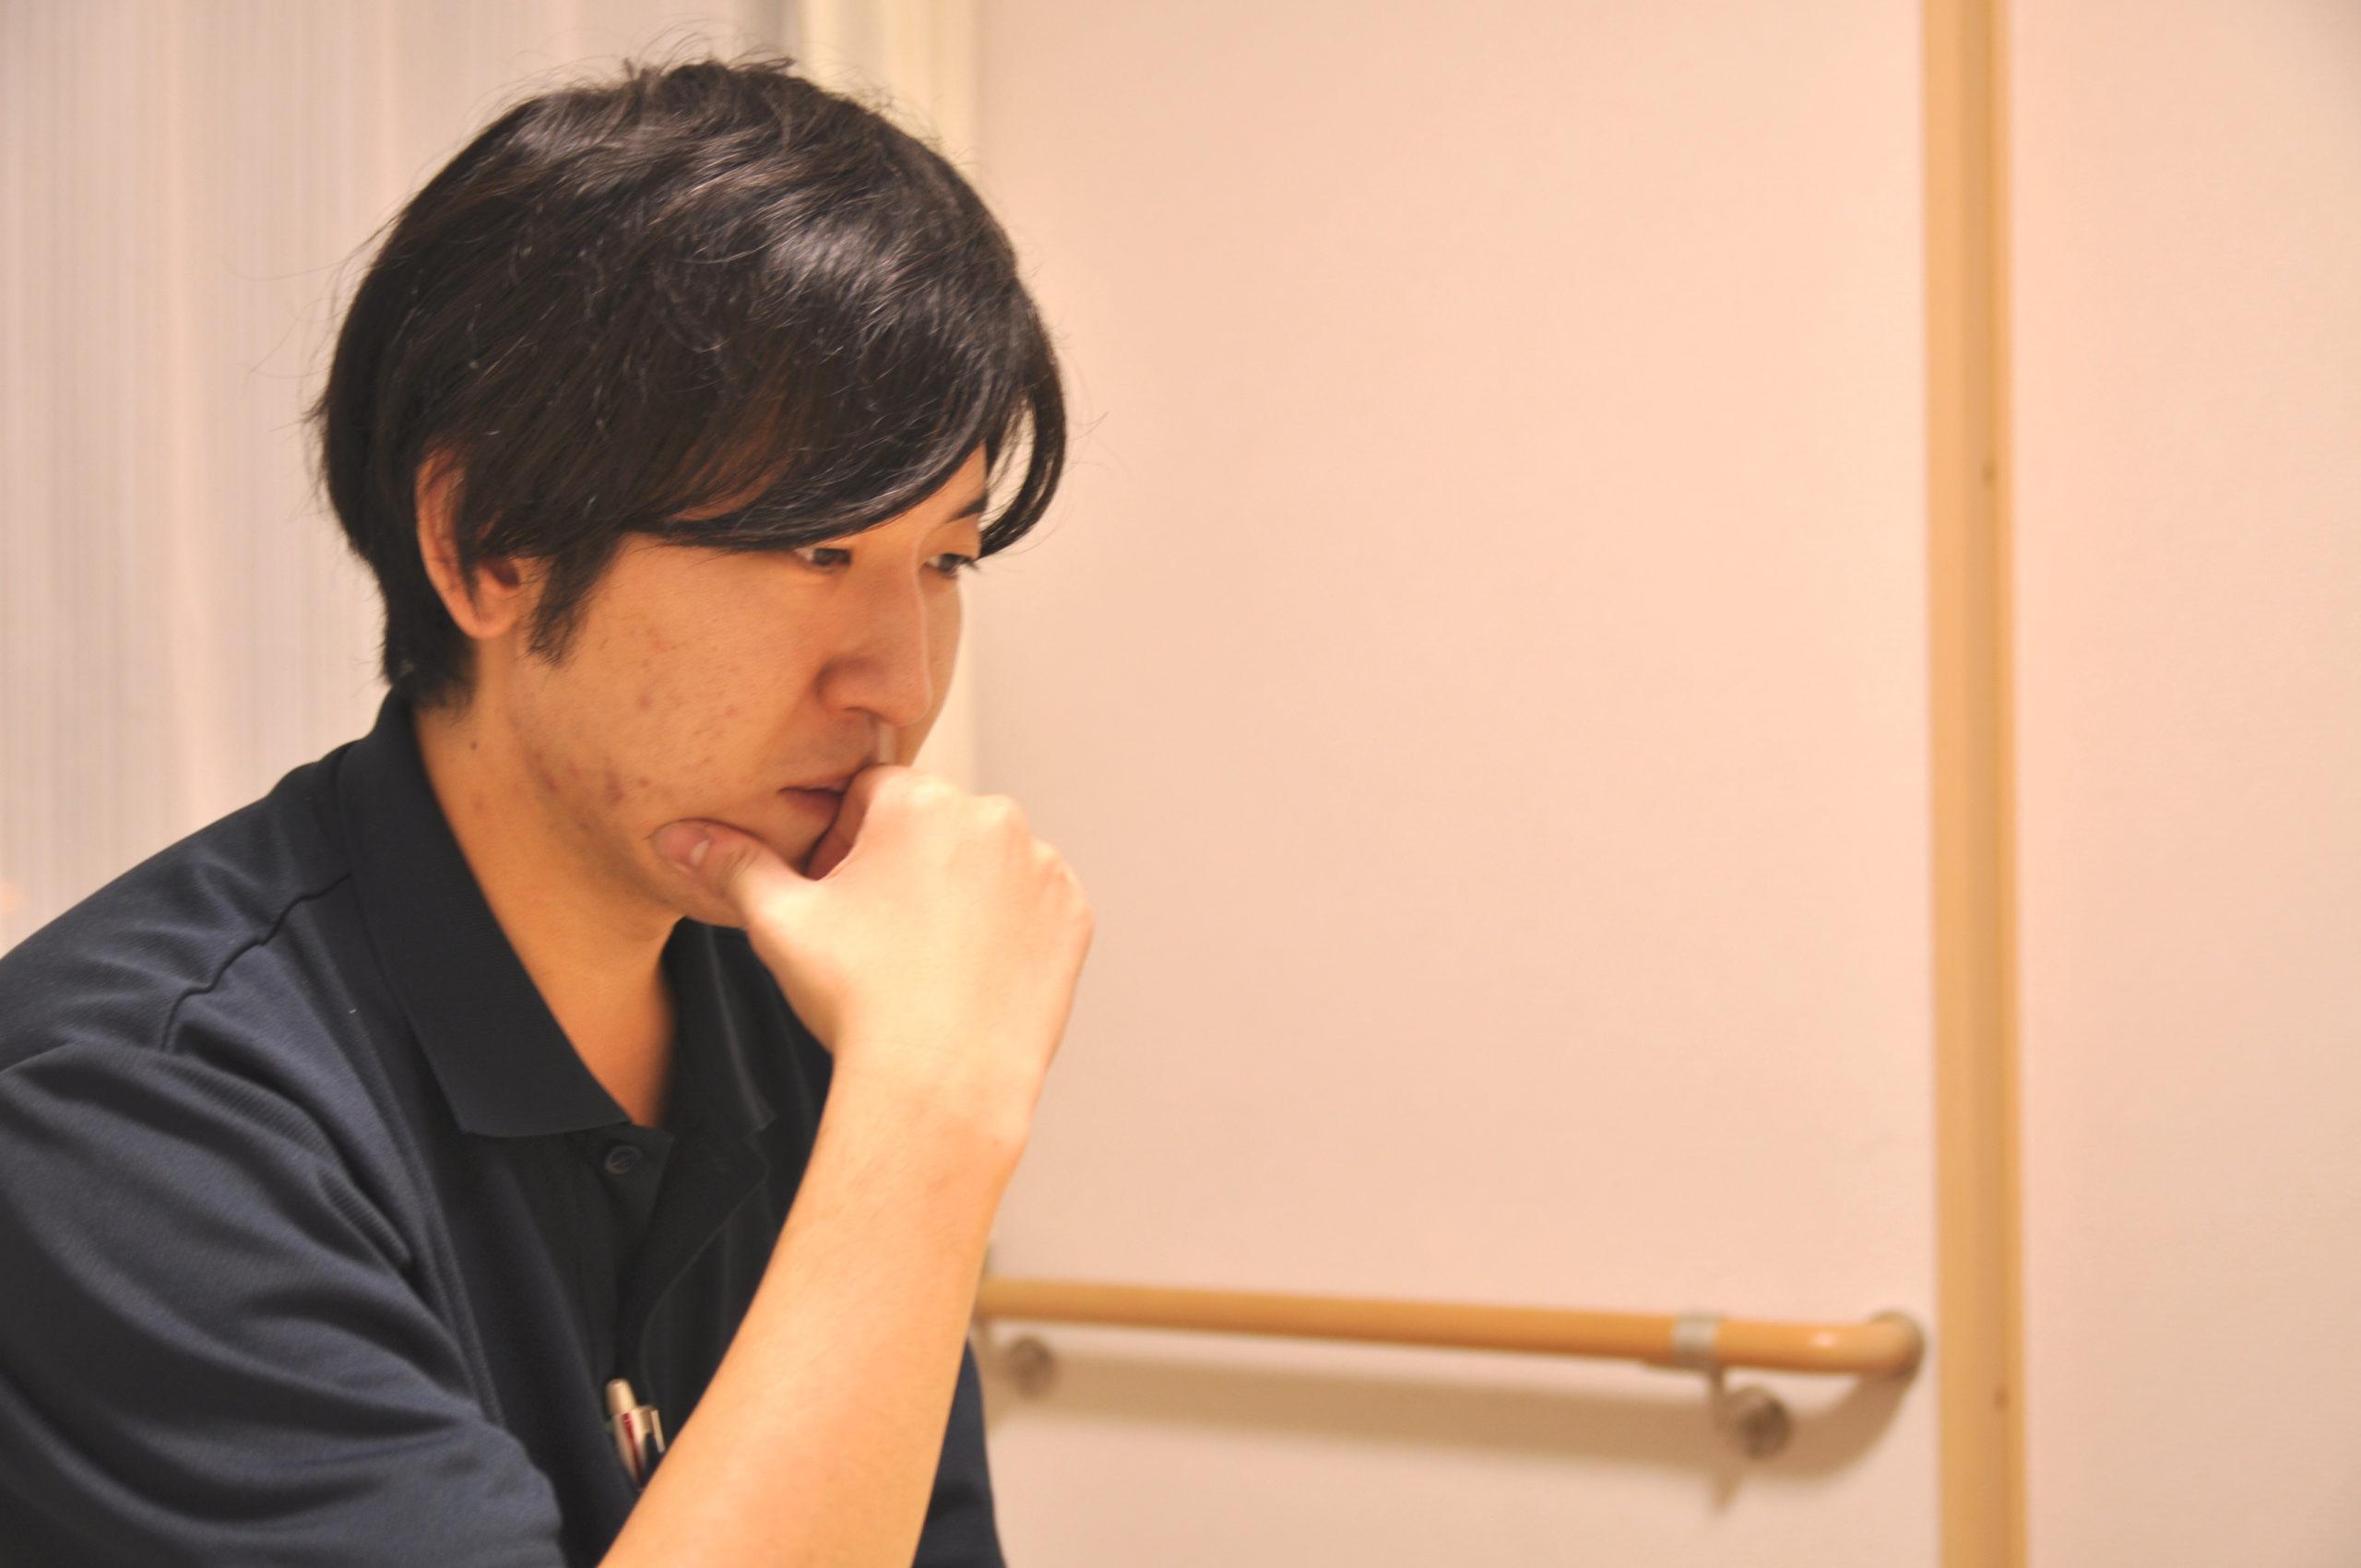 愛・グループホームさいたま田島<br>管理者 北村 さん イメージ